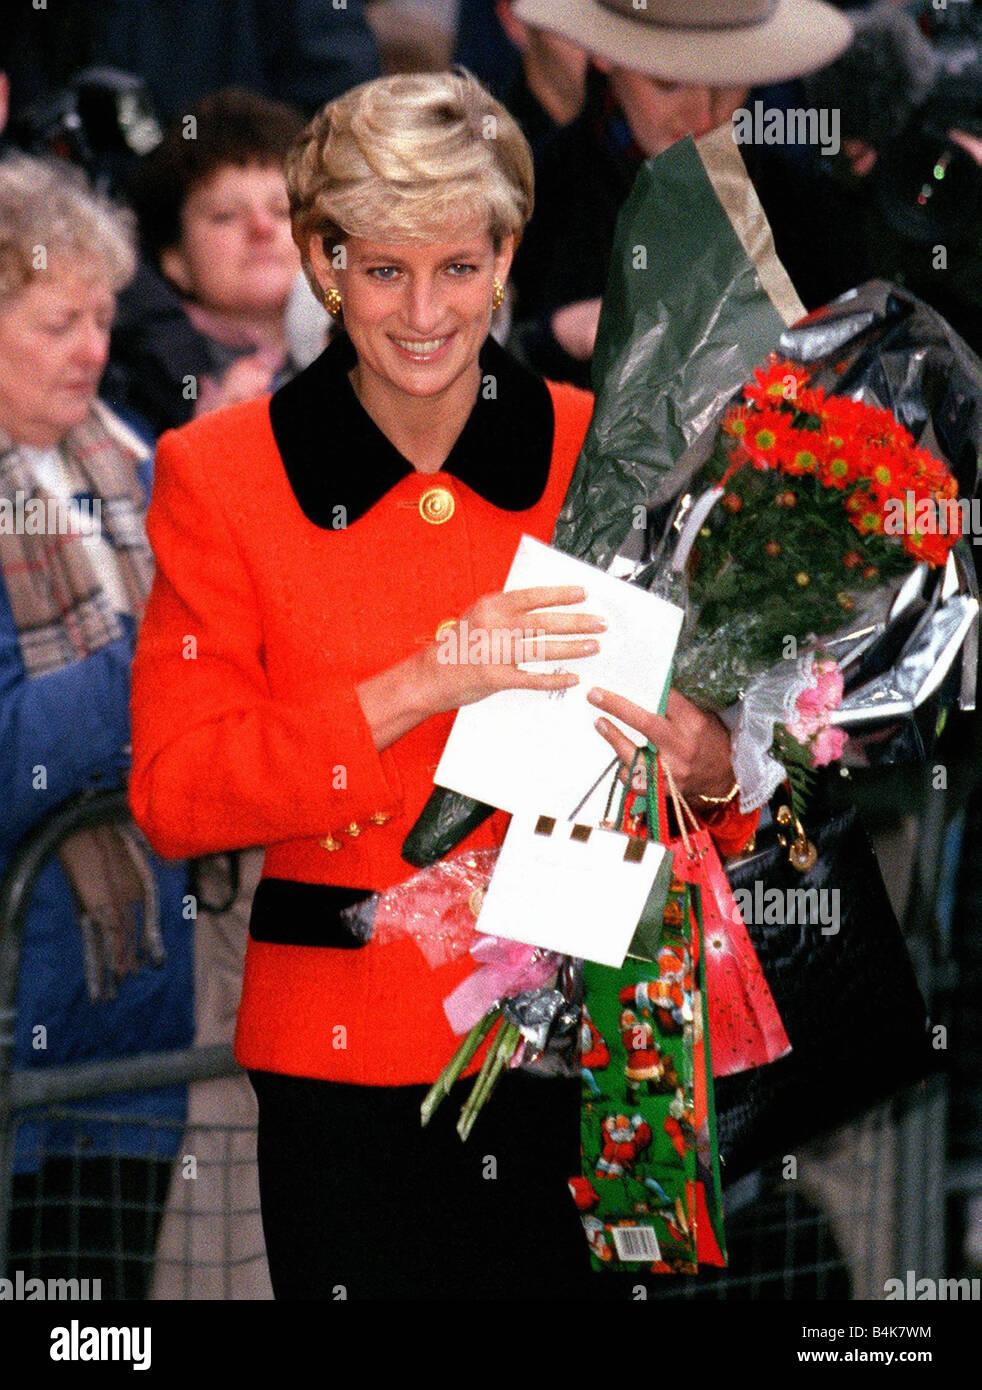 Prinzessin Diana Mit Ihrer Neuen Frisur Angekommen Das 30 Jubilaum